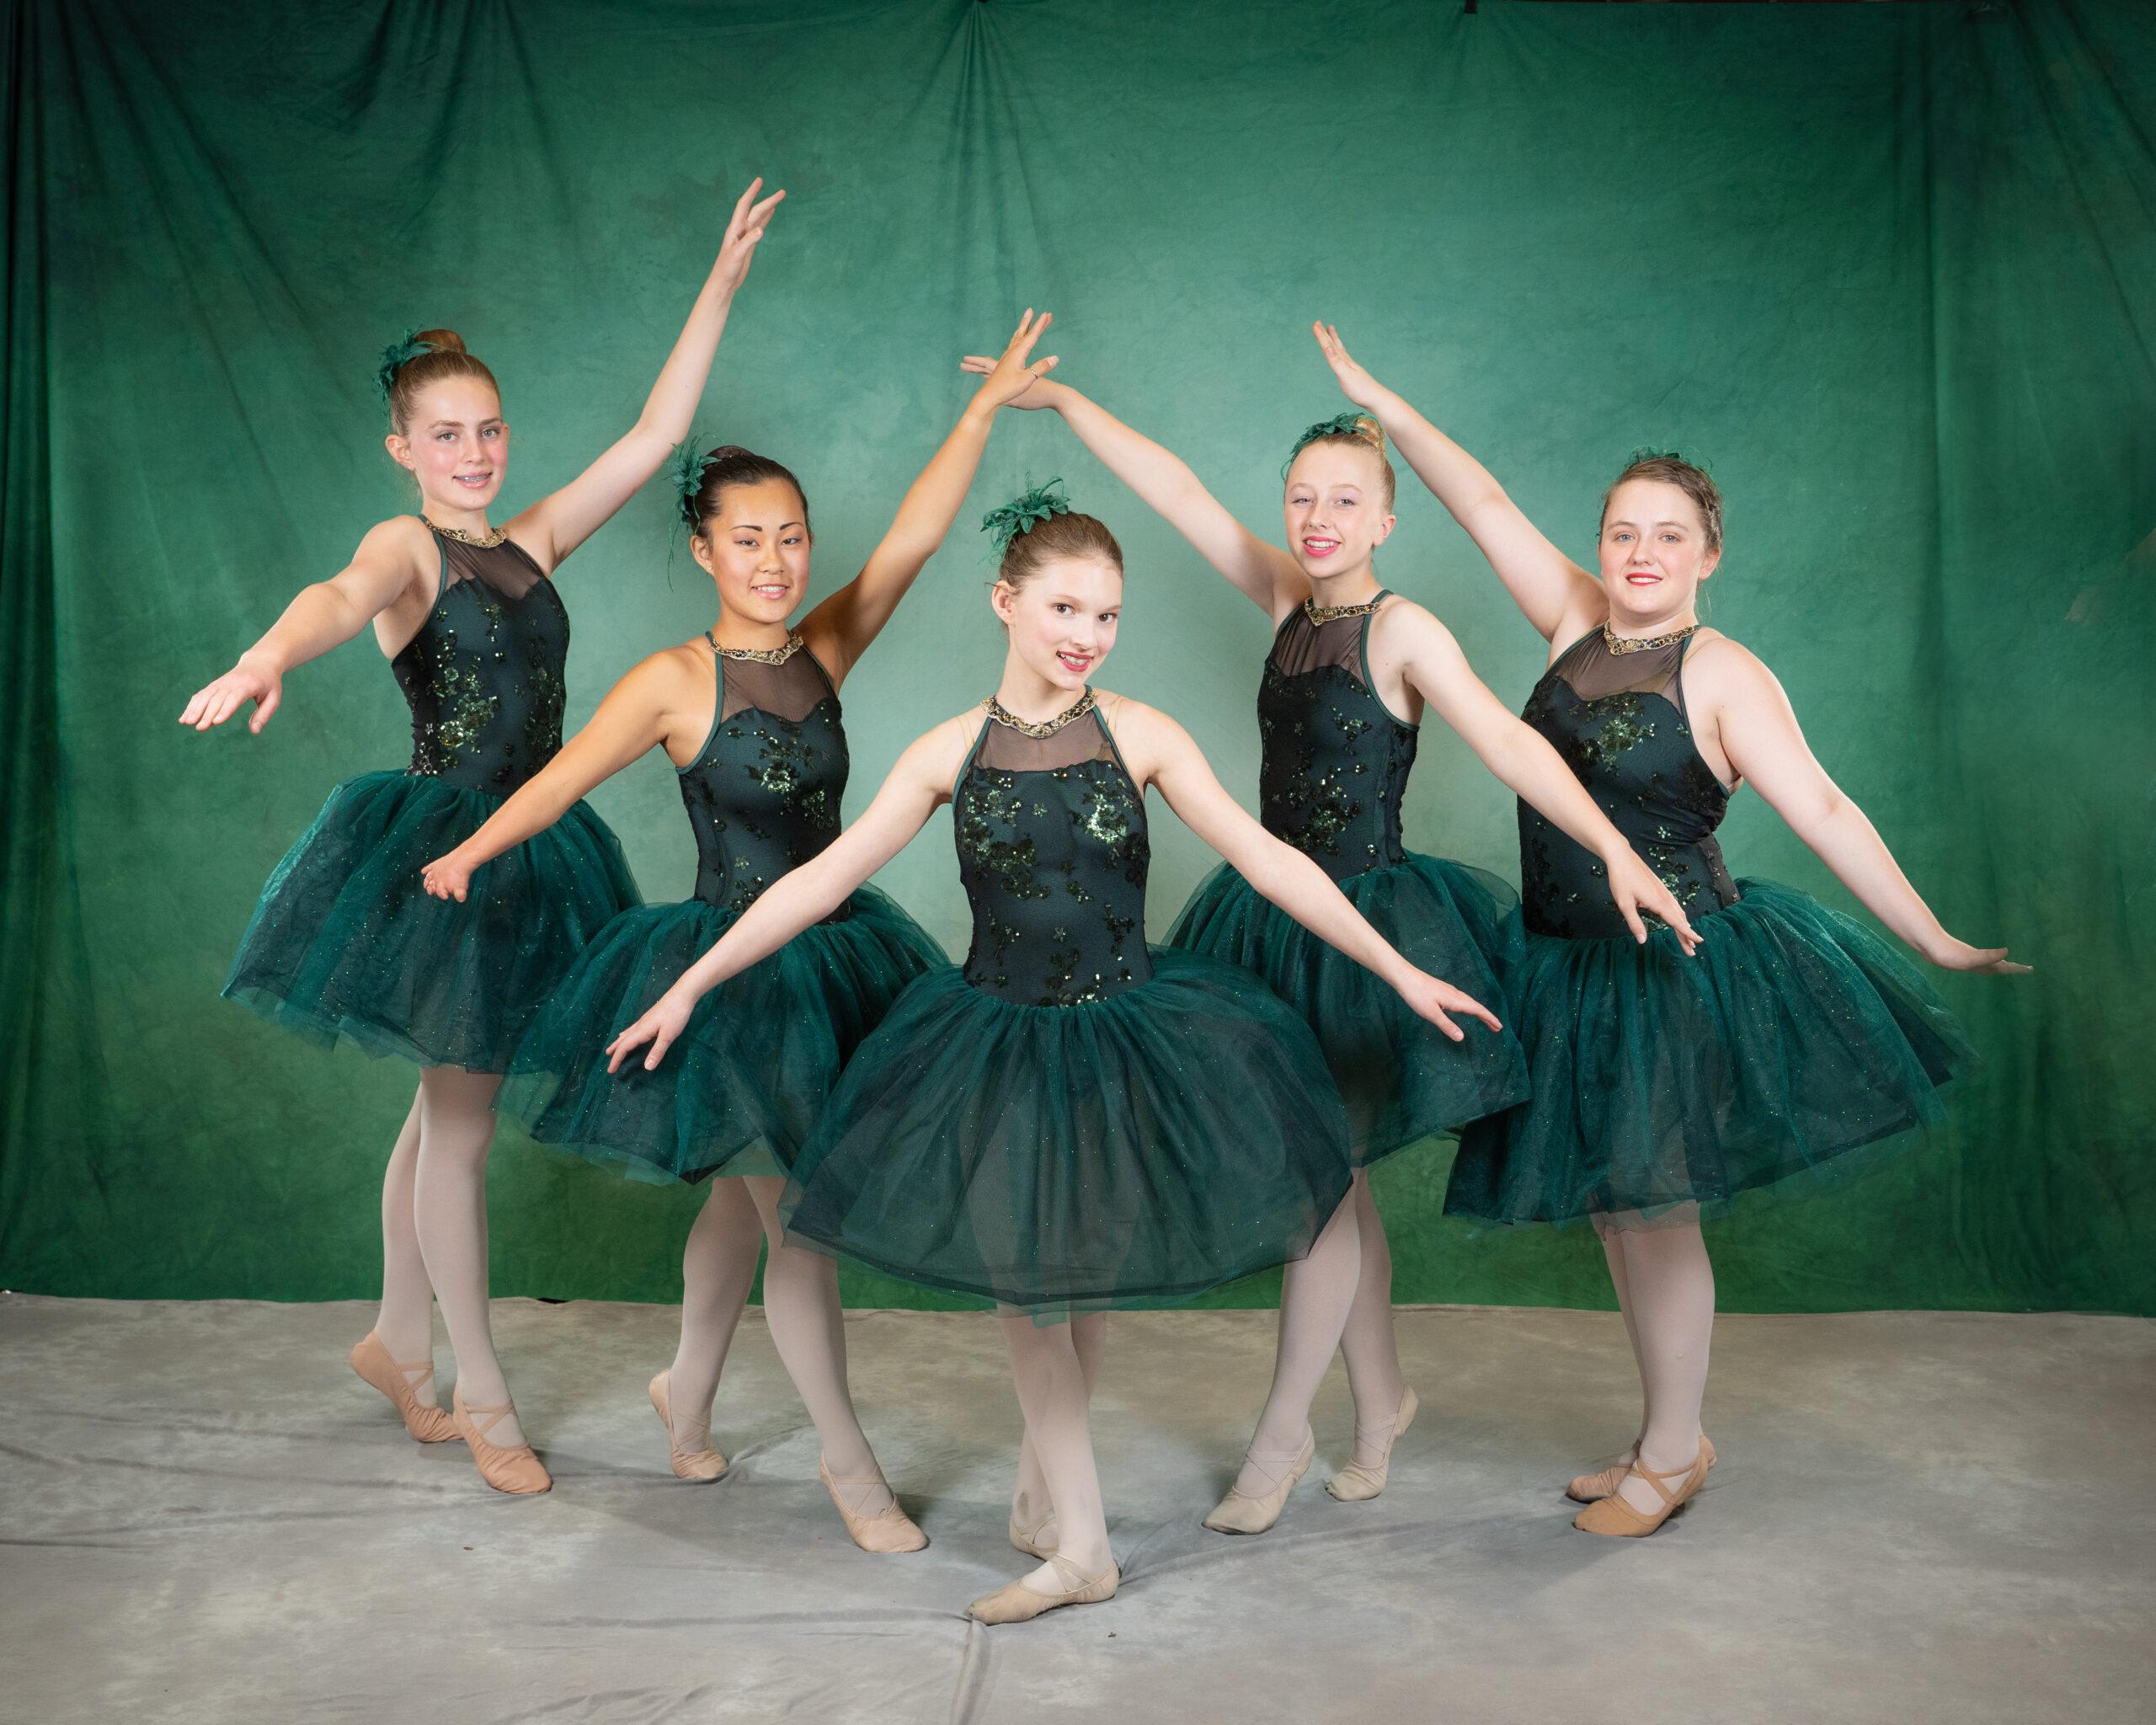 Ballet dancers in emerald green costumes